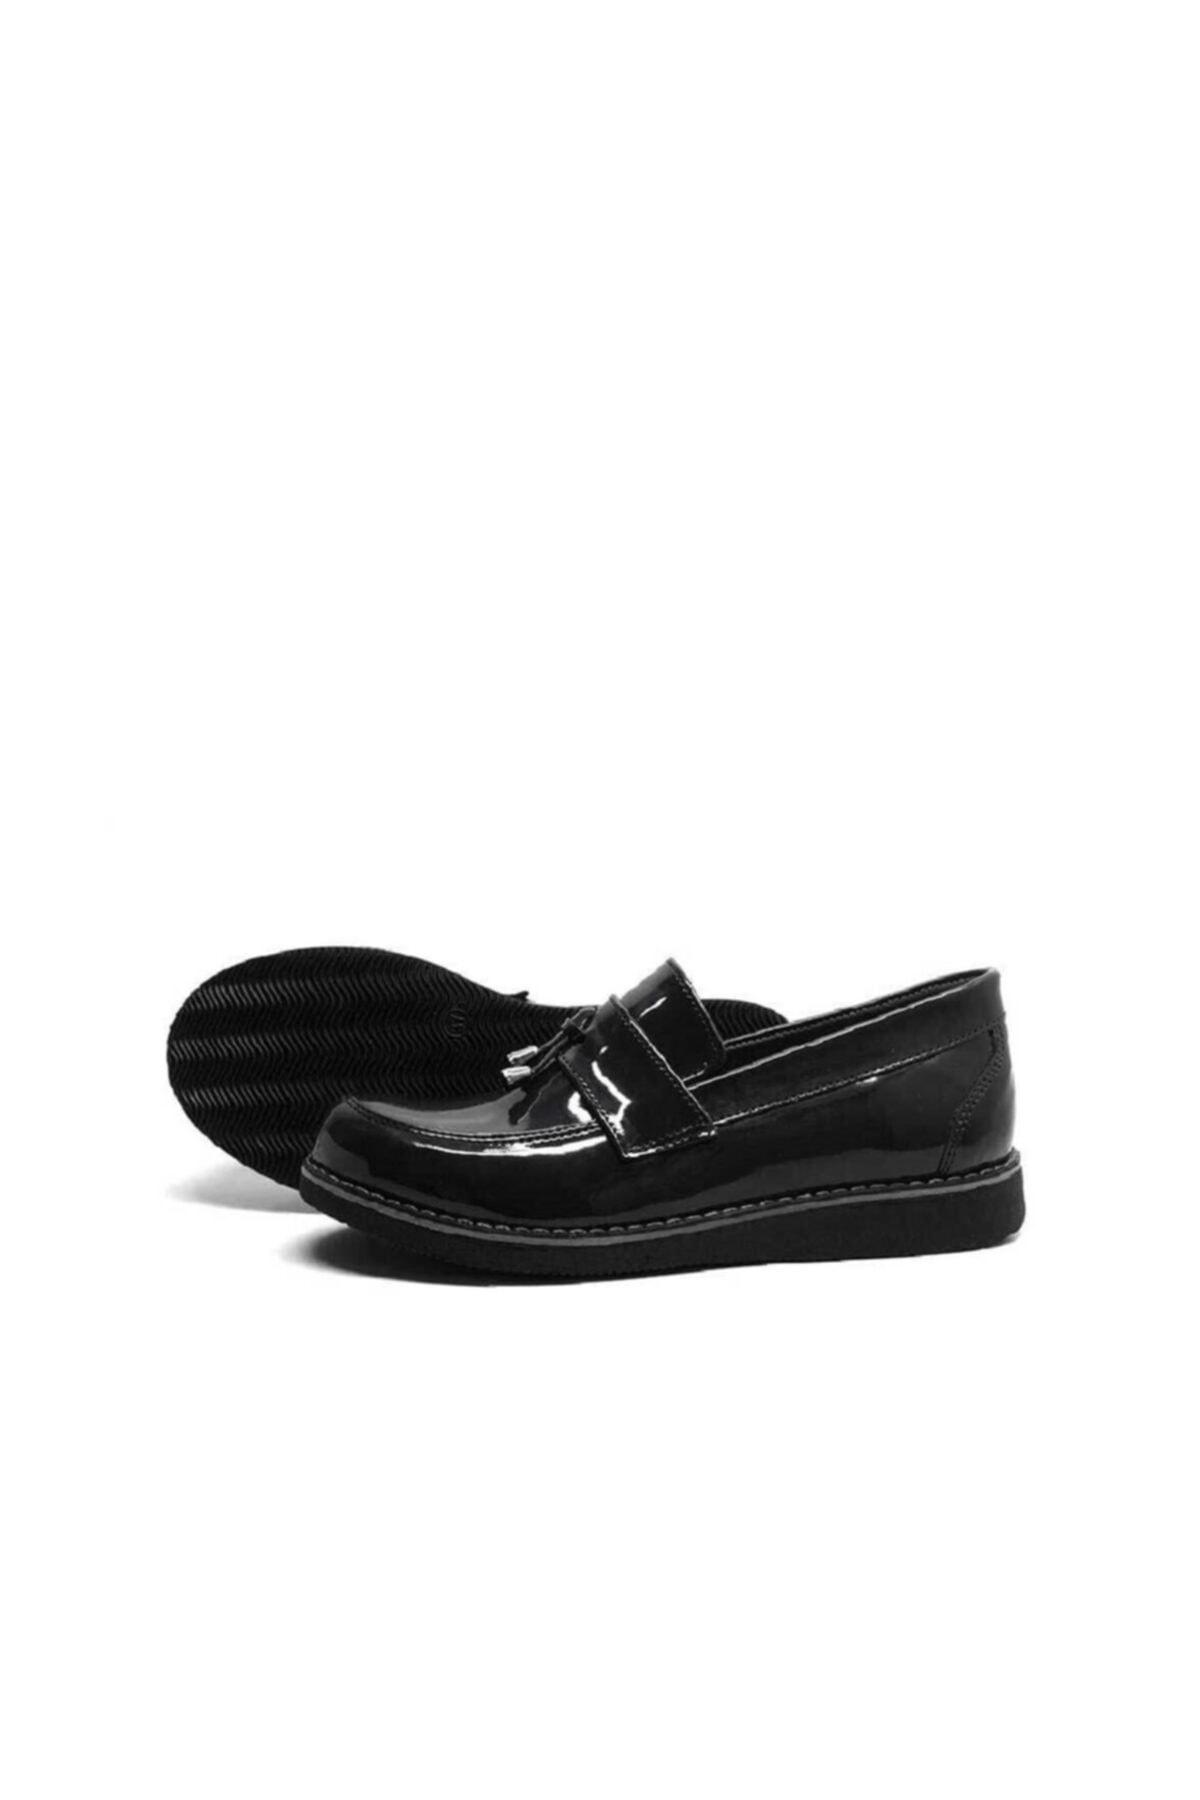 Erkek Çocuk Püsküllü Ayakkabı